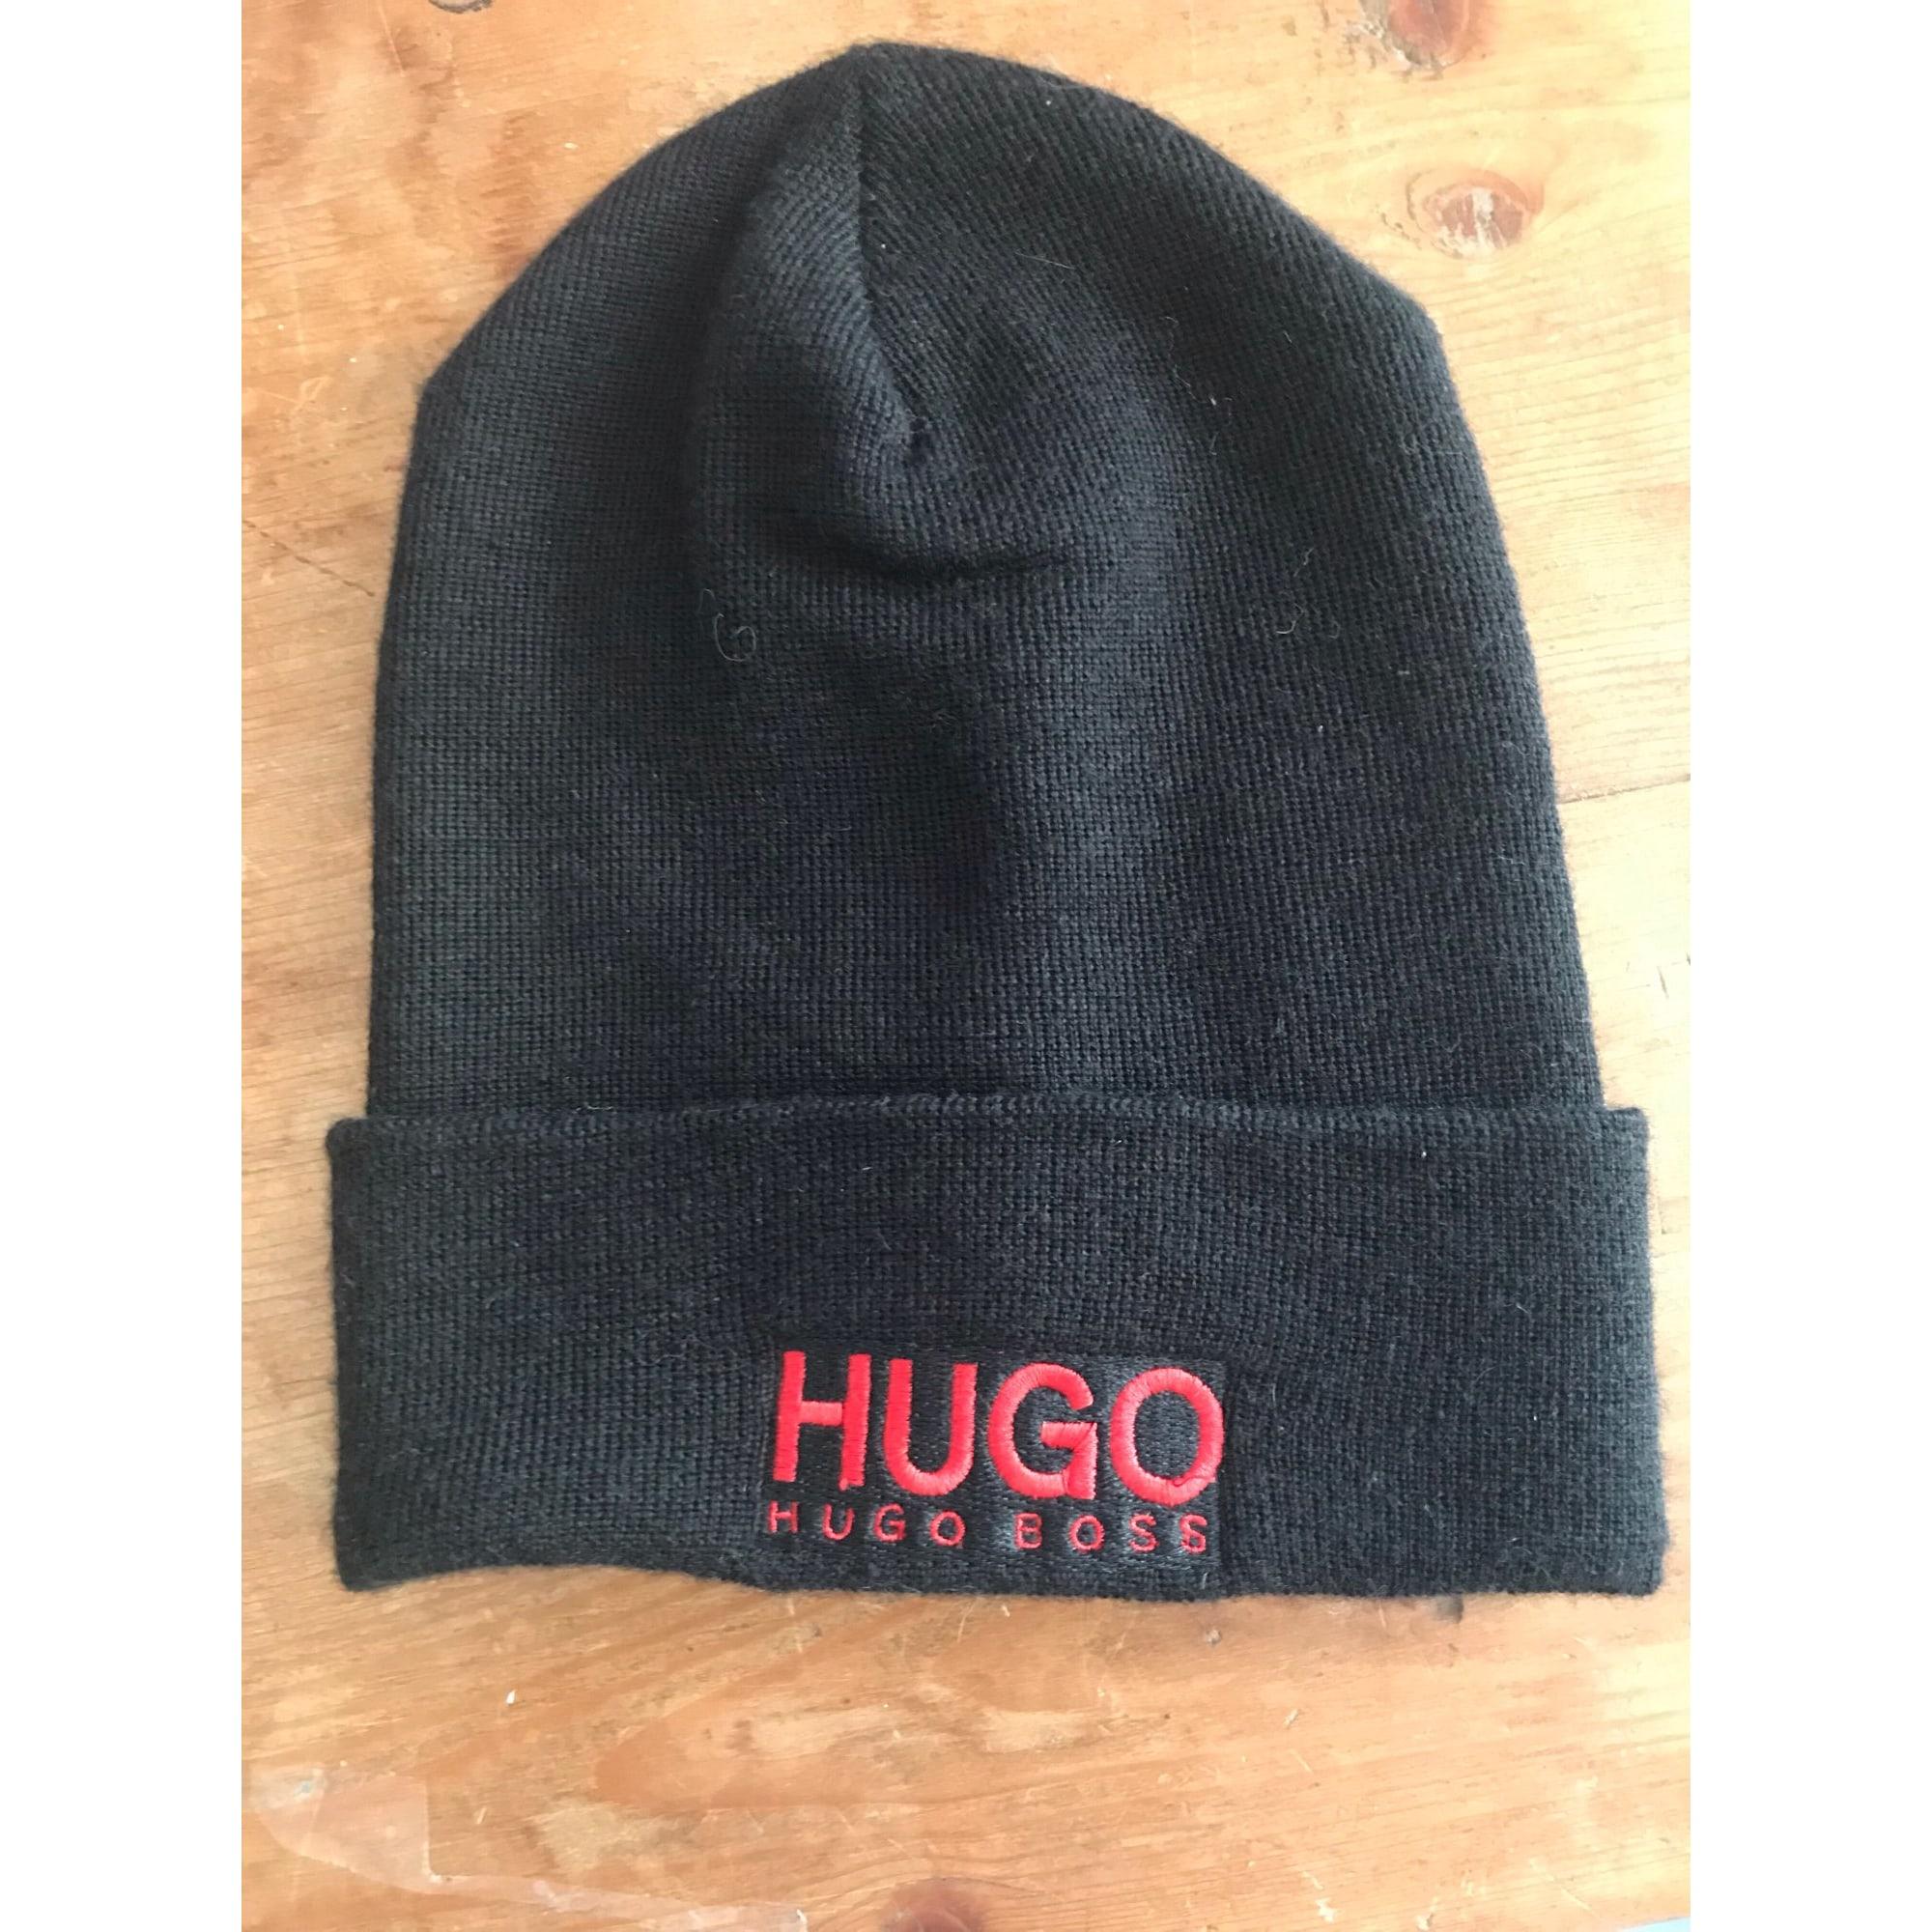 89fac4a374f Bonnet HUGO BOSS Taille unique noir logo rouge - 8359478